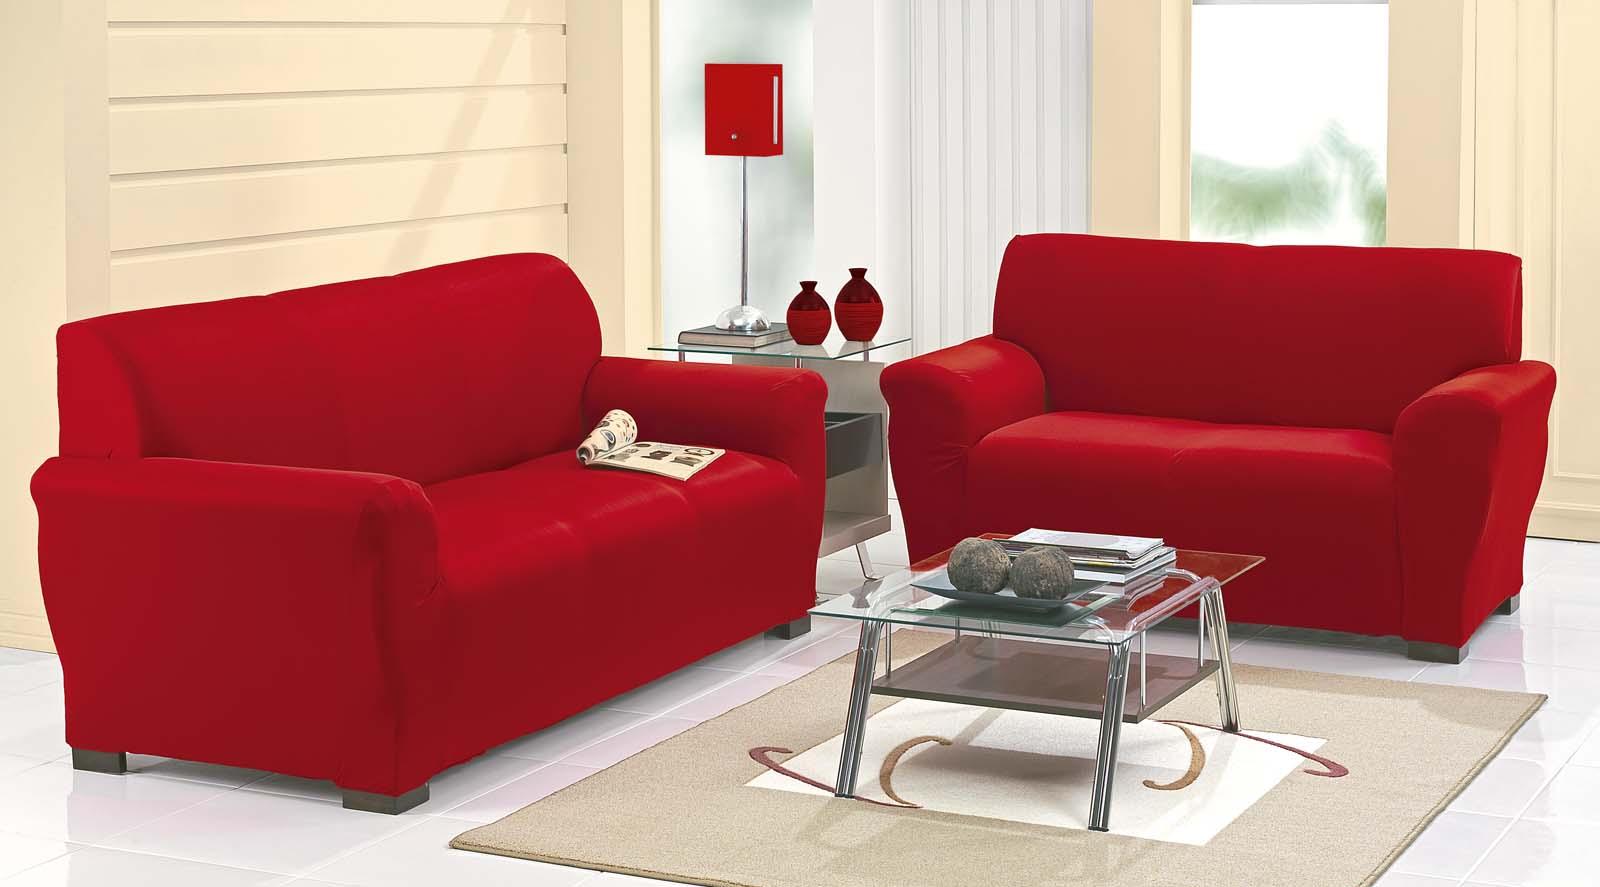 Decoracao De Sala Vermelho ~ decoracao de sala vermelho e marromCod1964JogodeCapaparaSofá